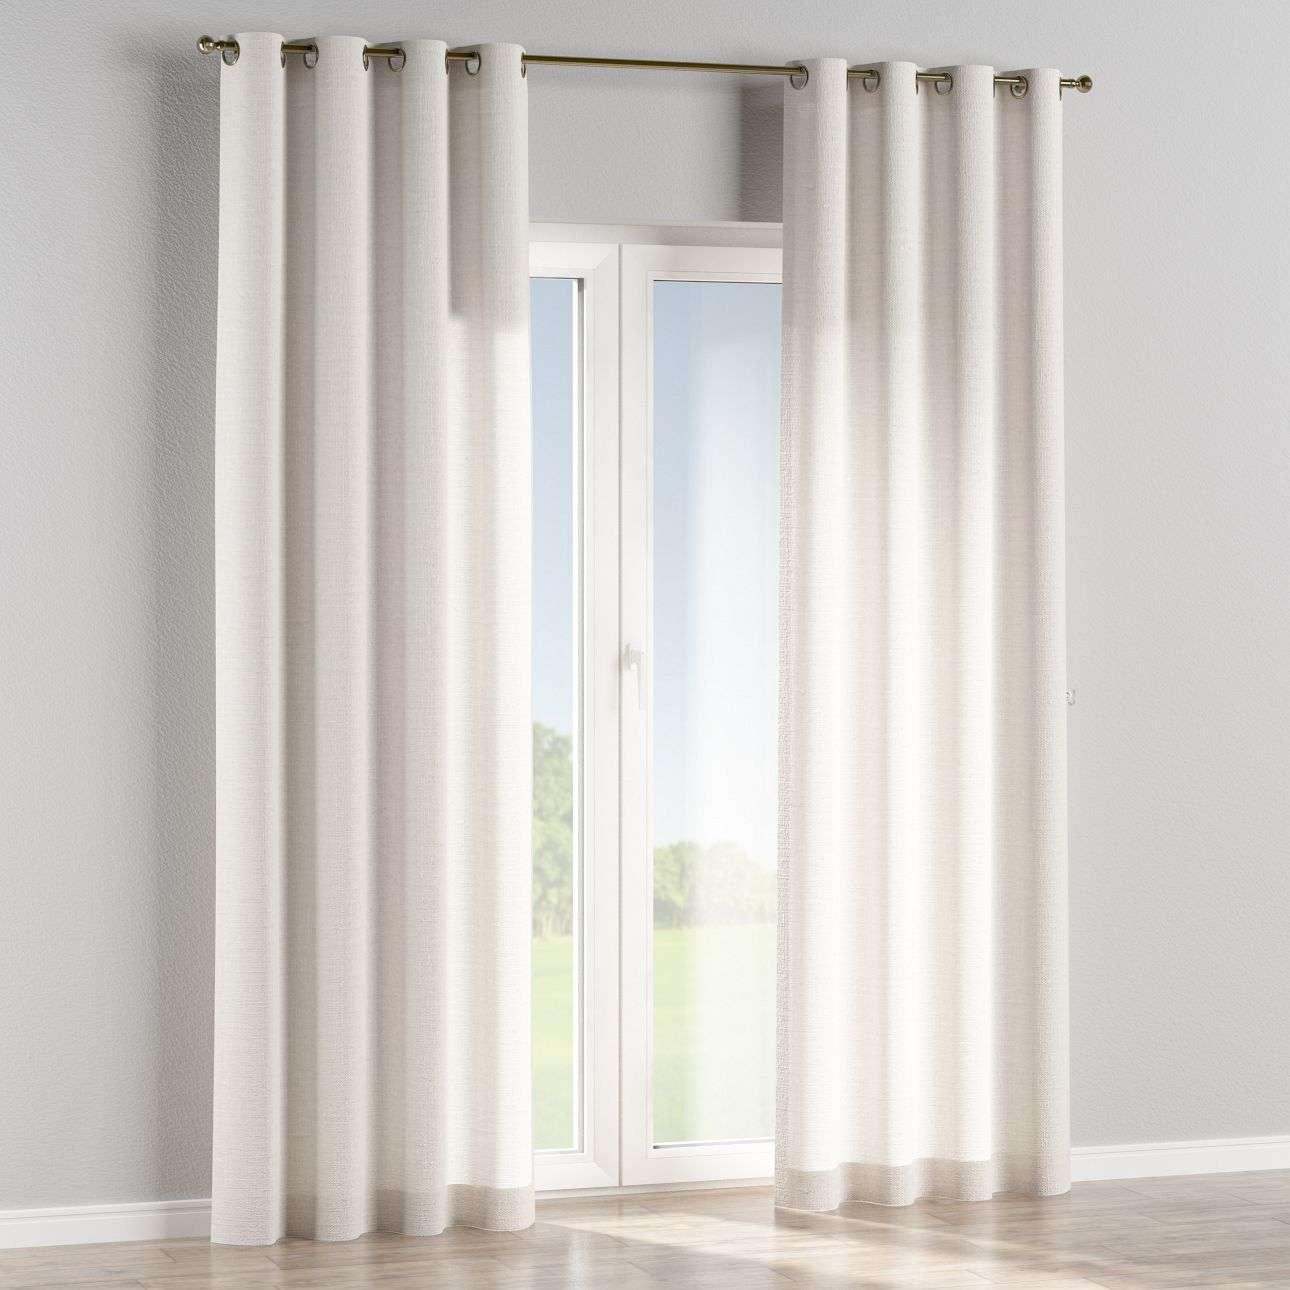 Ringlis függöny 130 x 260 cm a kollekcióból Lakástextil Leinen, Dekoranyag: 392-04